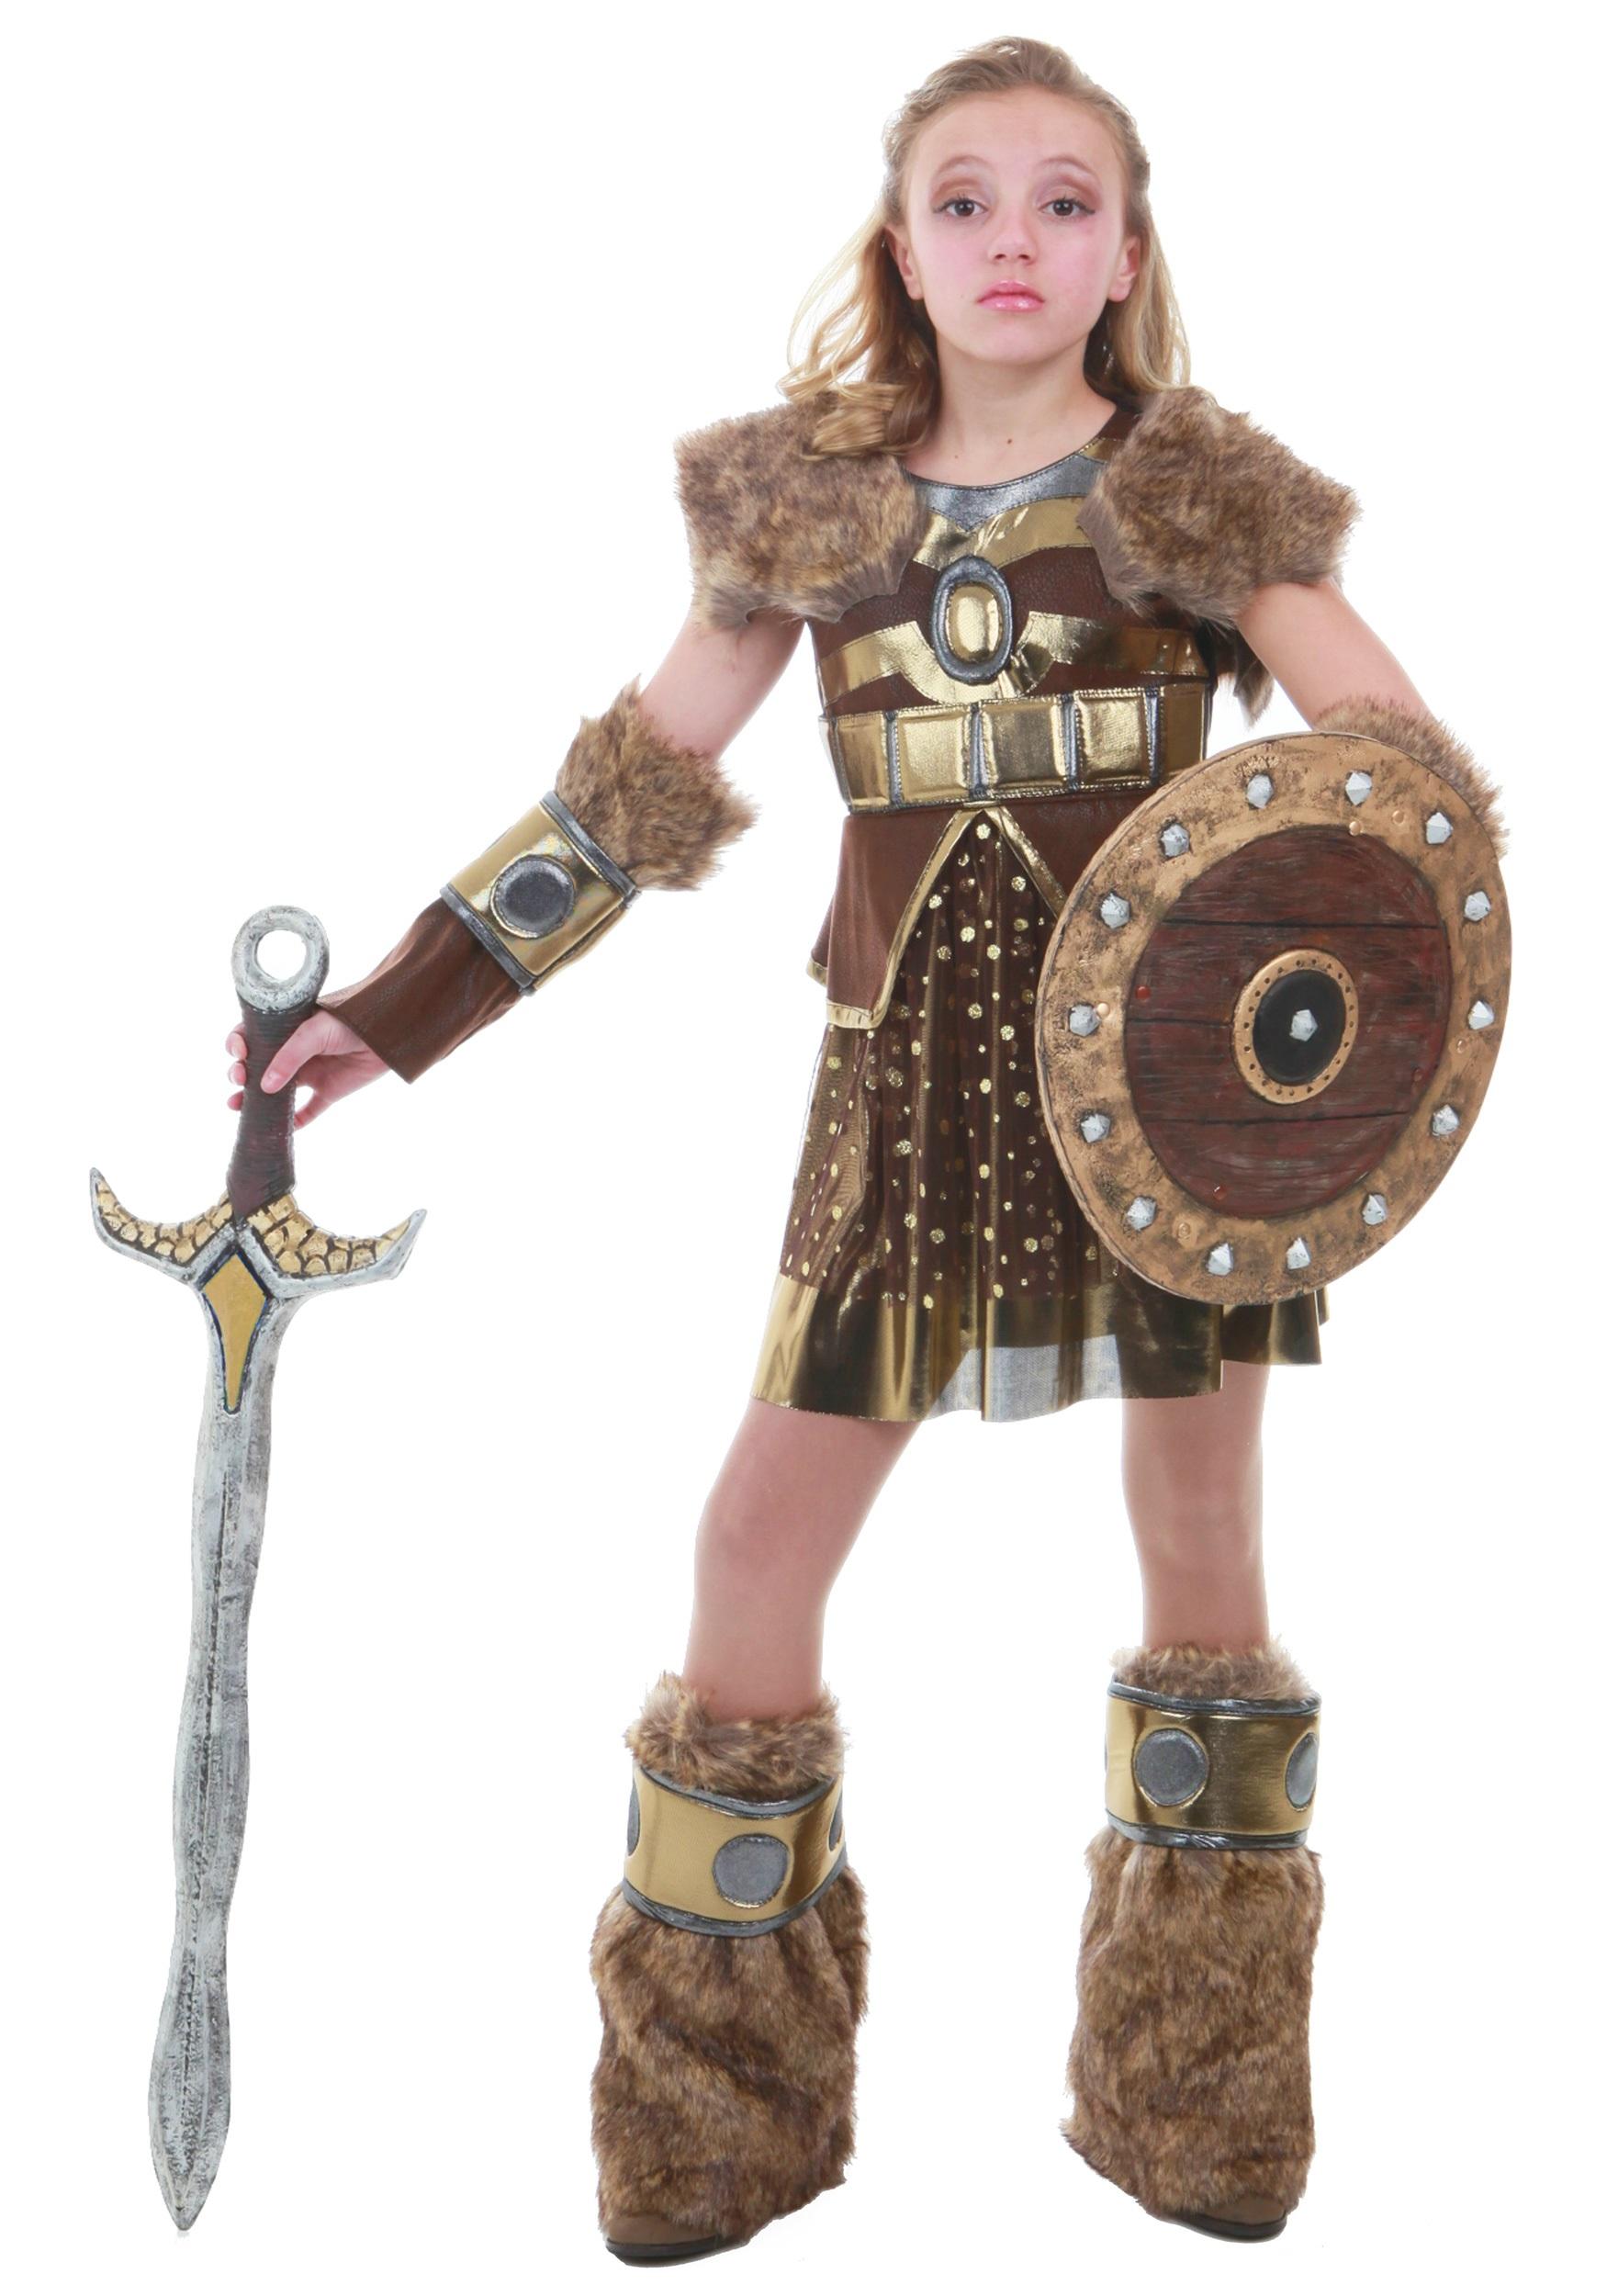 Viking women on Pinterest | Viking Dress, Vikings and Apron Dress